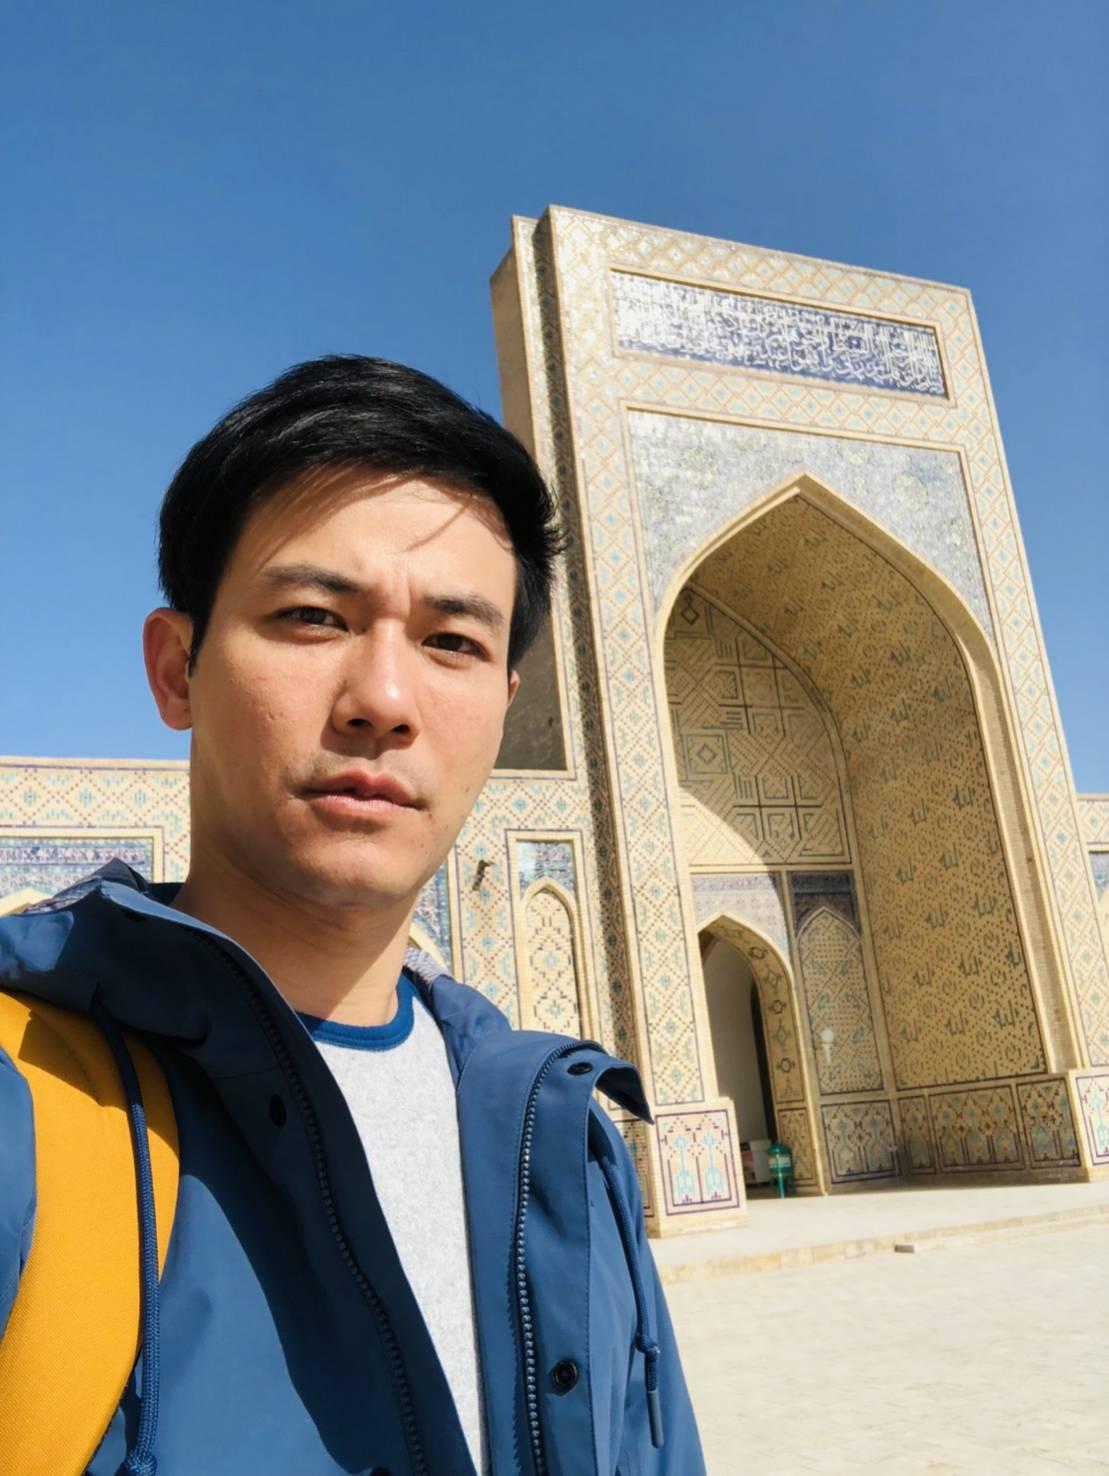 ▲刘杰中希望下次旅行可以去让他放空休息的地方。